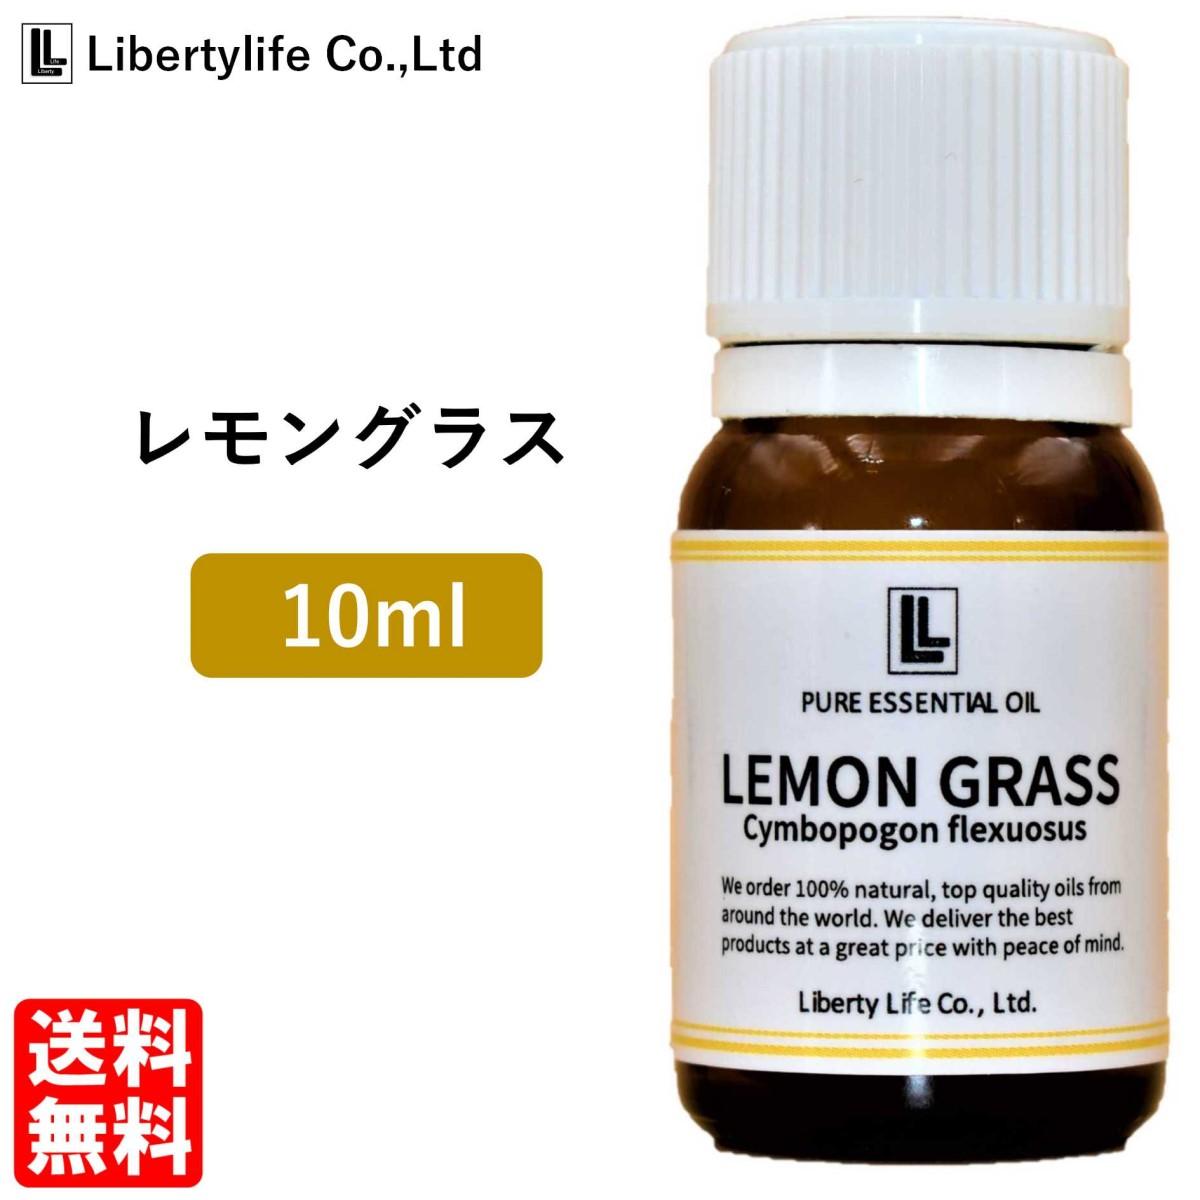 マッサージ アロマテラピー レモングラス 安全 オイル アロマオイル 天然100% 10ml 精油 エッセンシャルオイル お気に入り